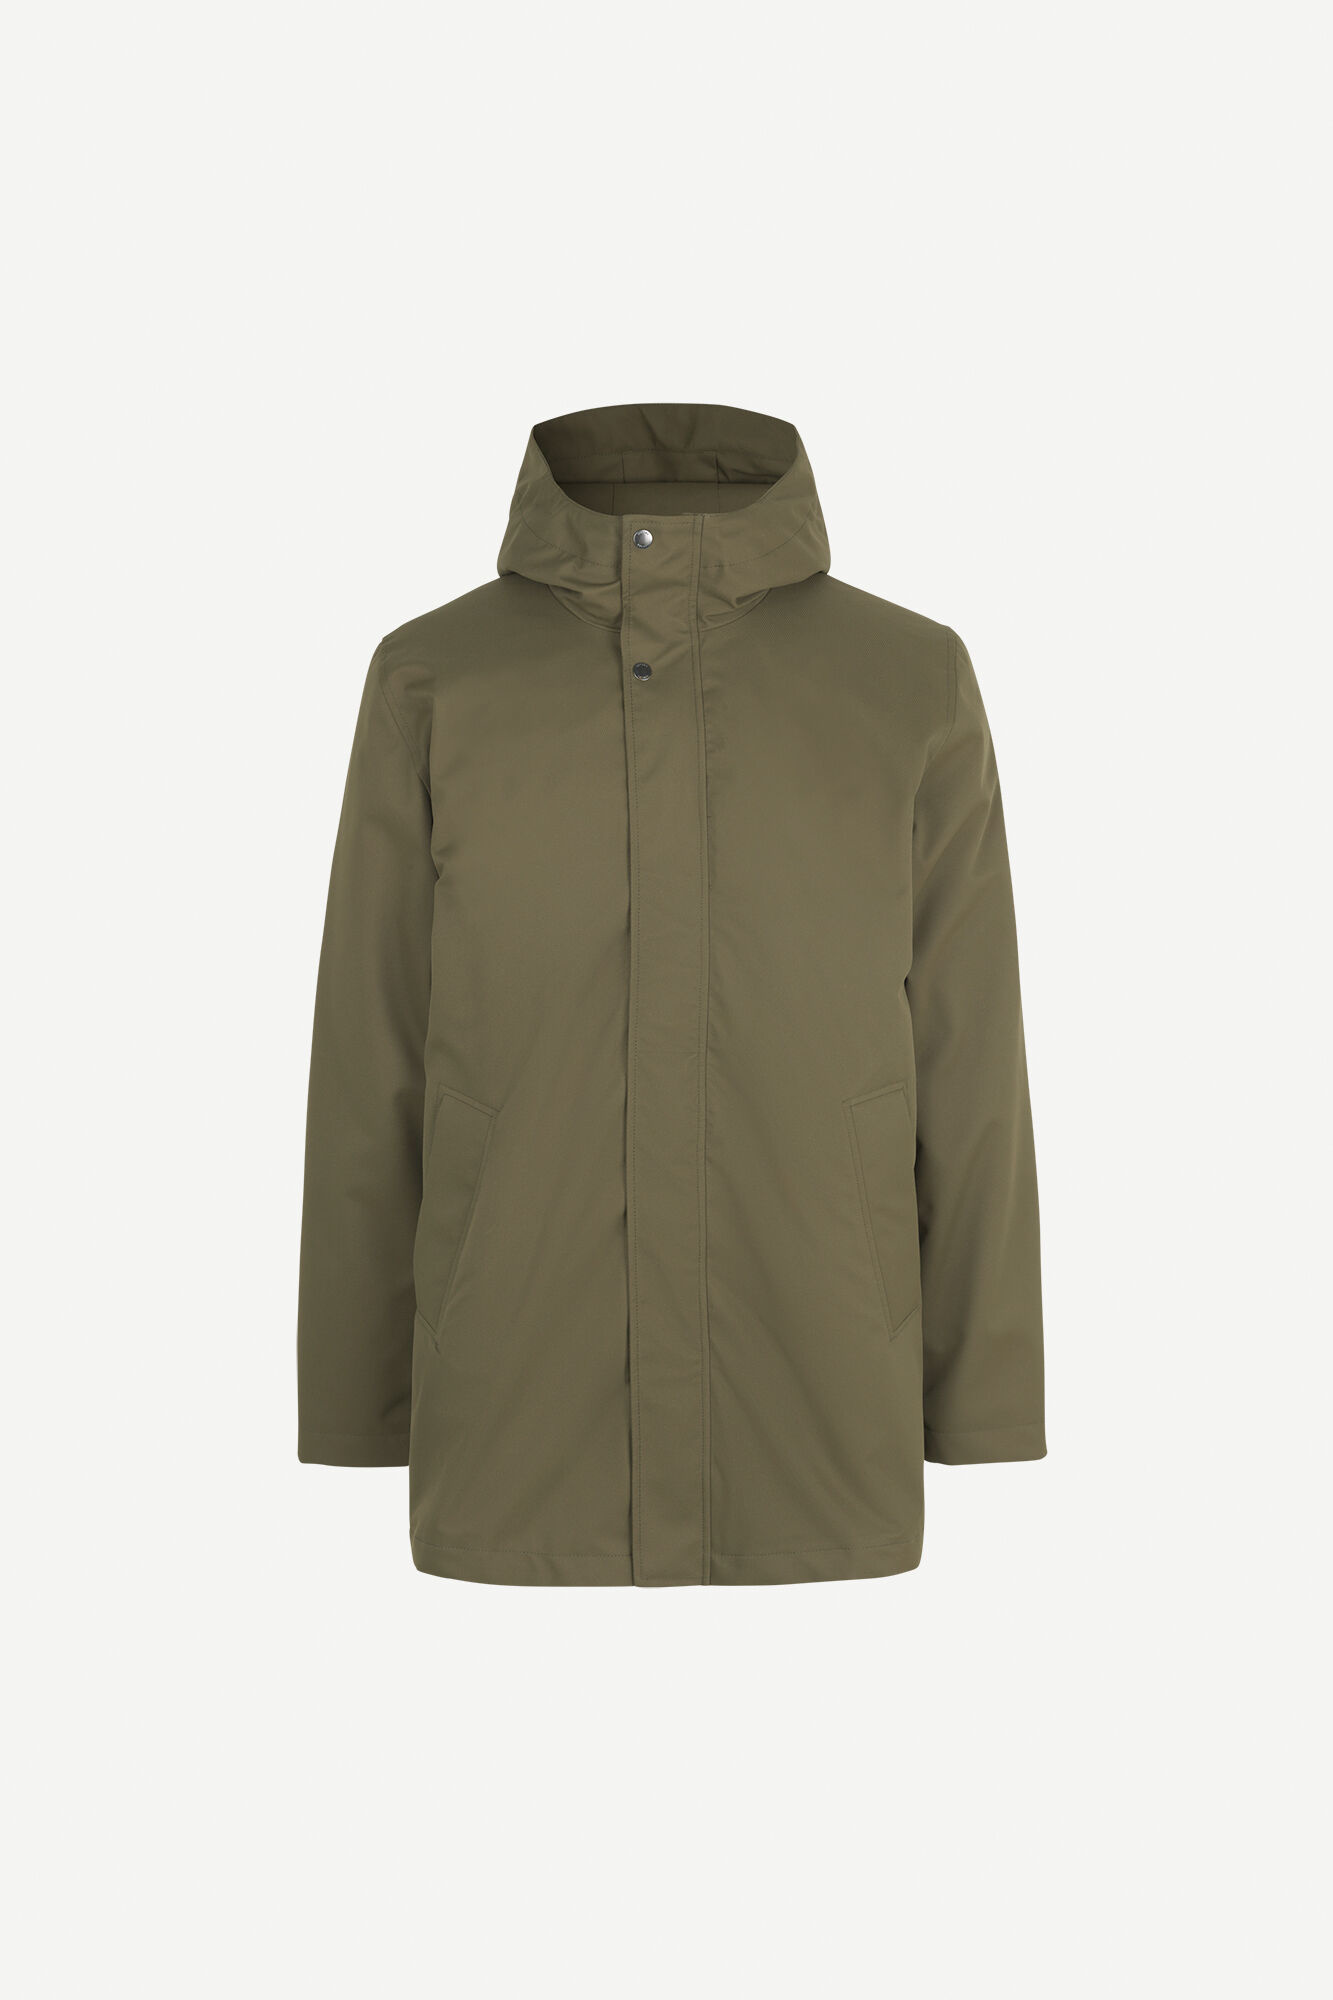 Misam 3 Layer Winter Jacket Green 11234-2